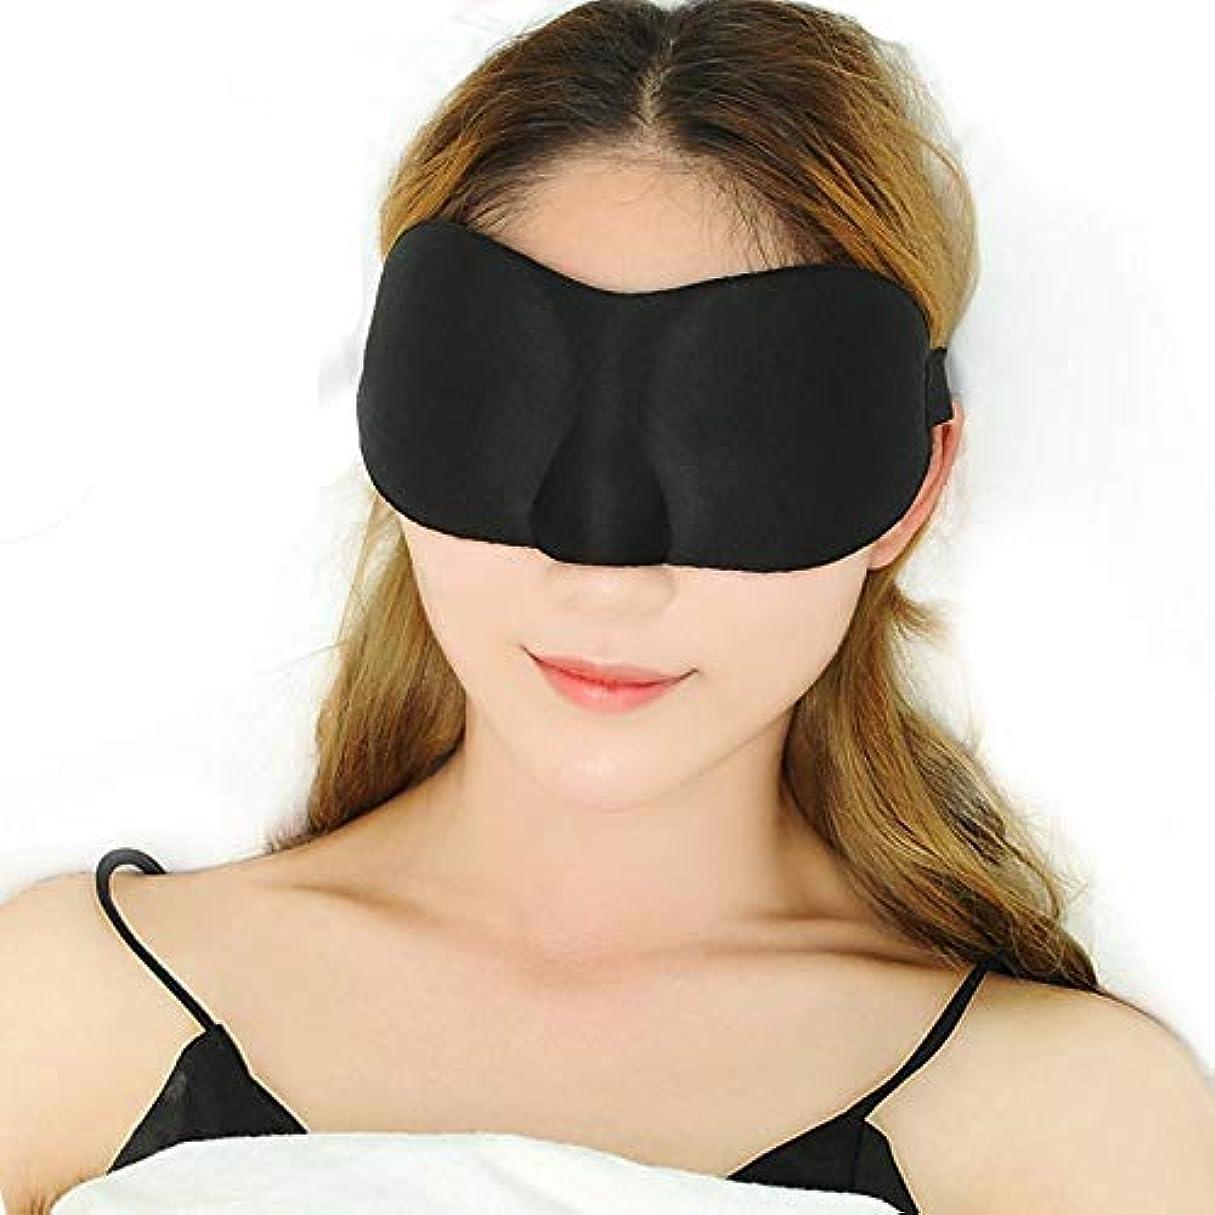 NOTE スリーピングアイマスク高密度メモリースポンジ睡眠アイパッチ屋外旅行休憩目隠しシェードカバーアイシェードアイ包帯